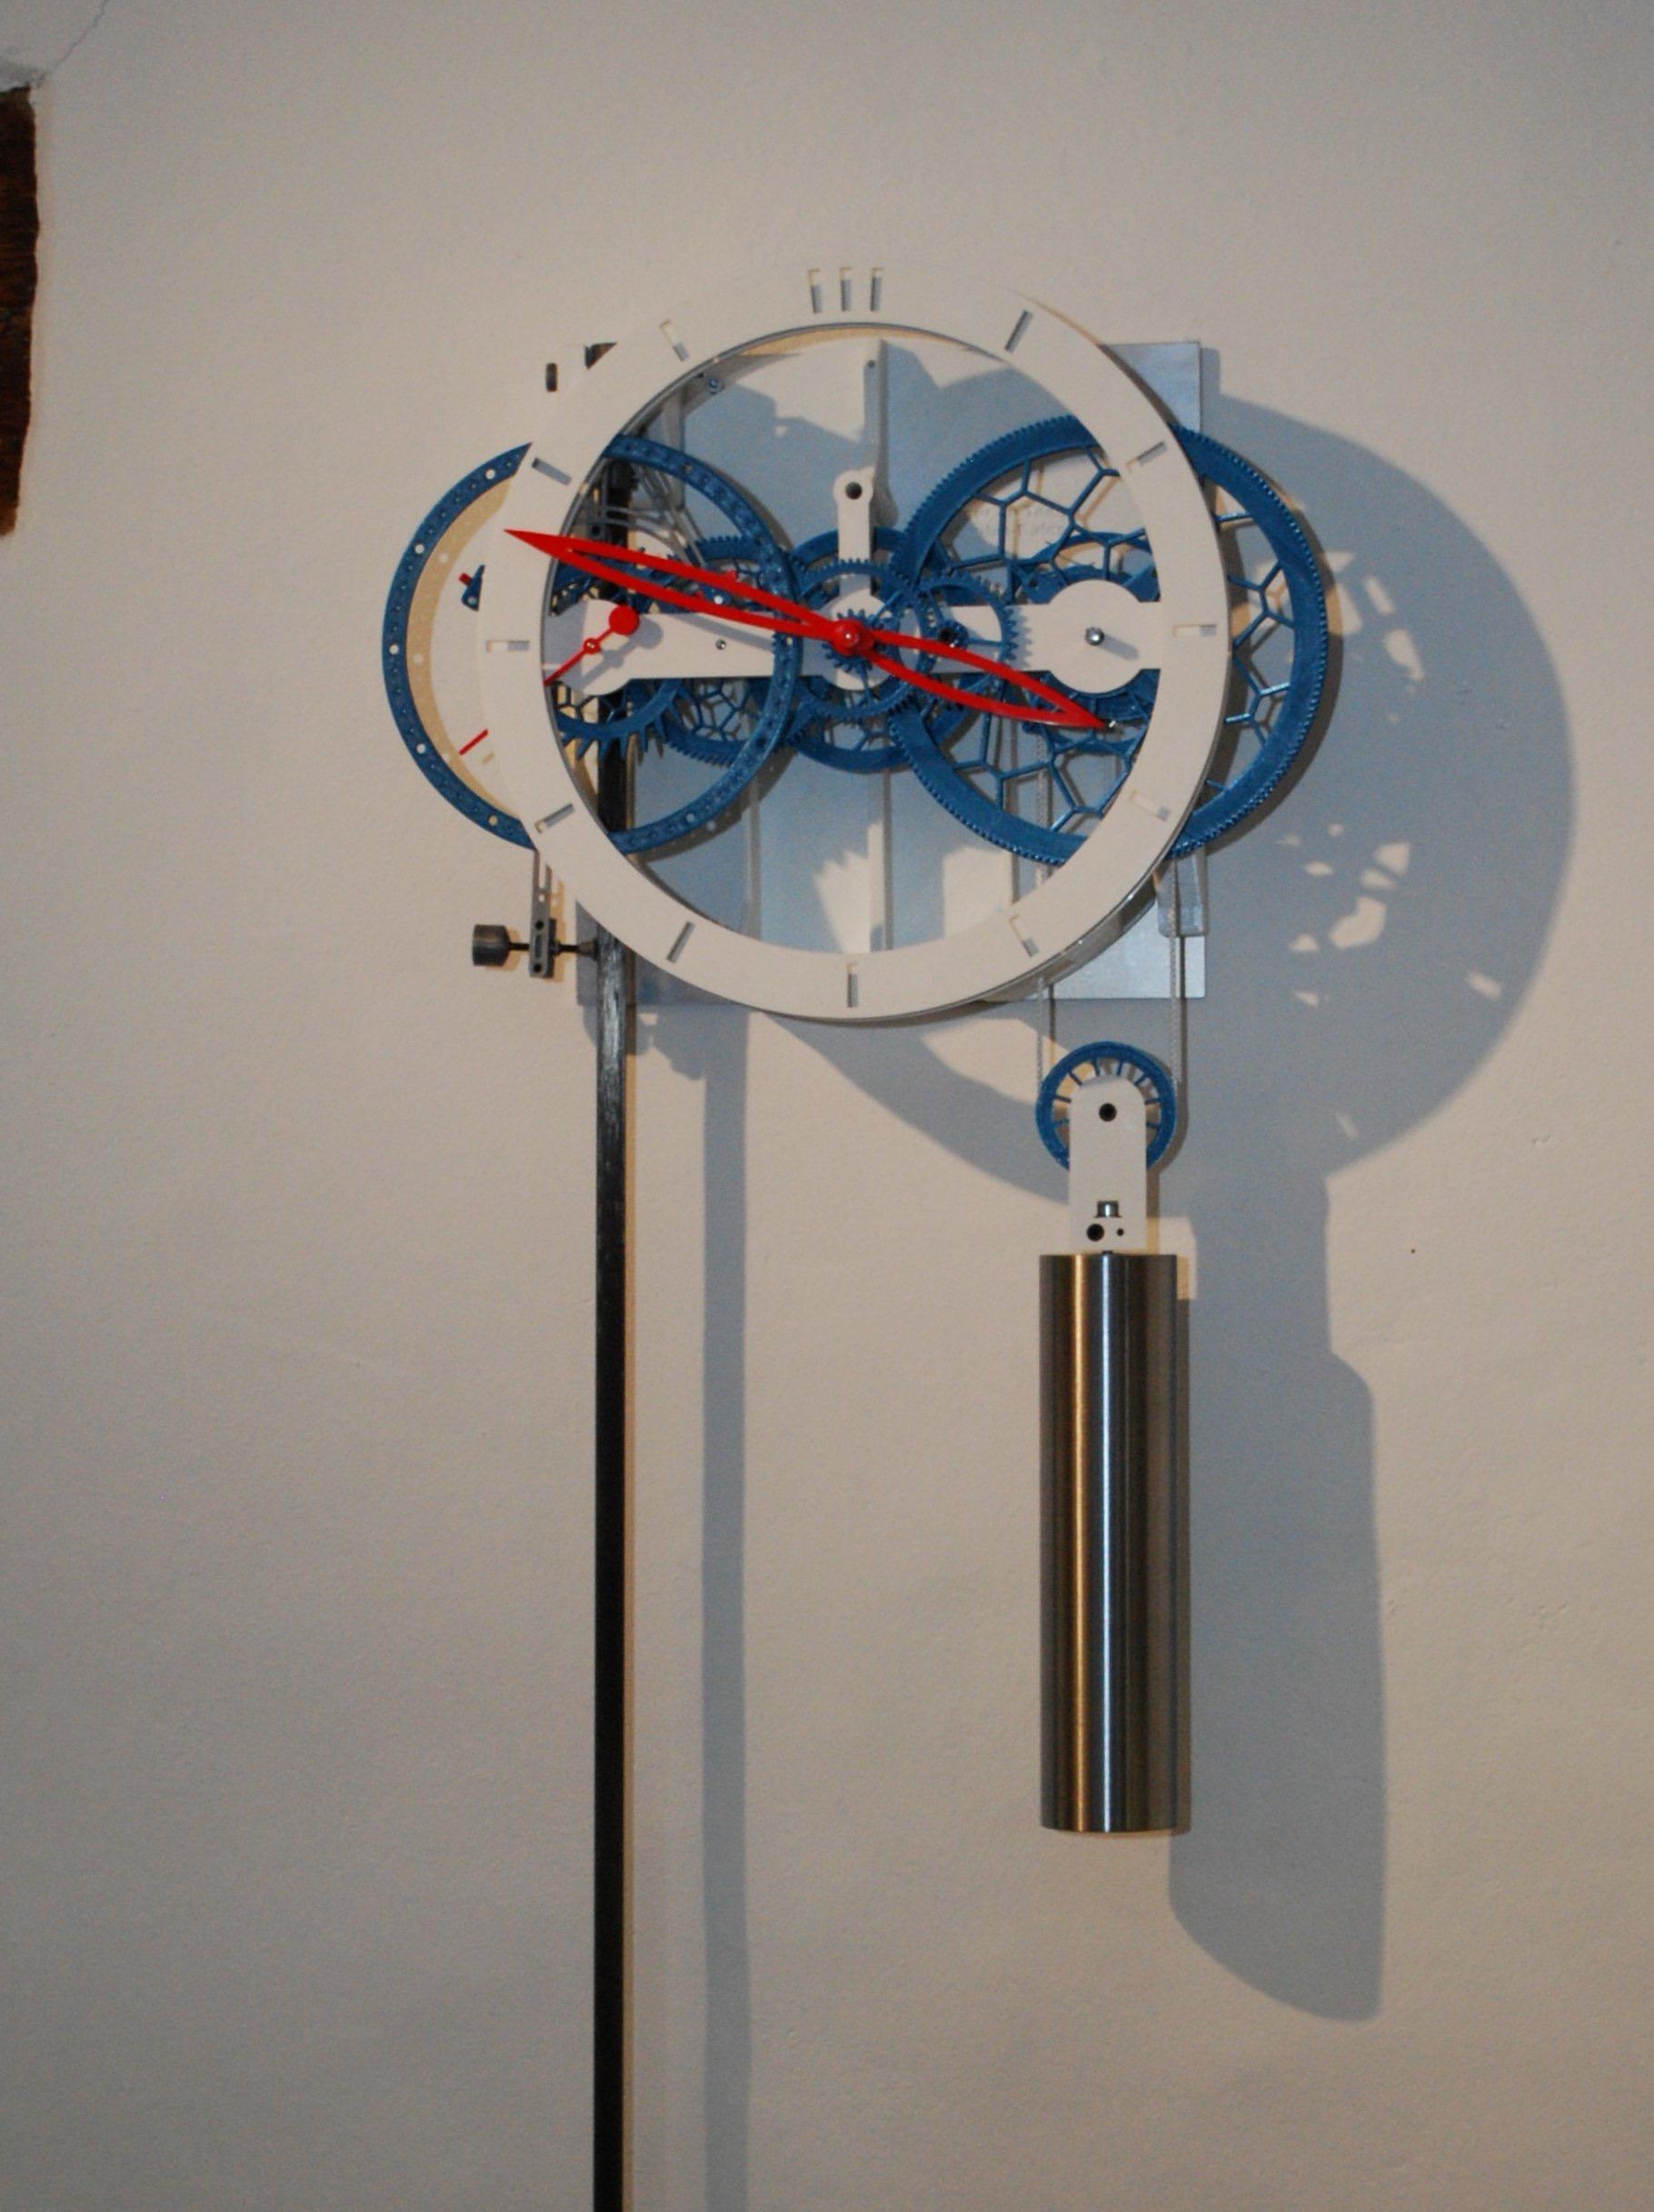 Introducing - The 3D-Printed Pendulum Clock From Ingénieur